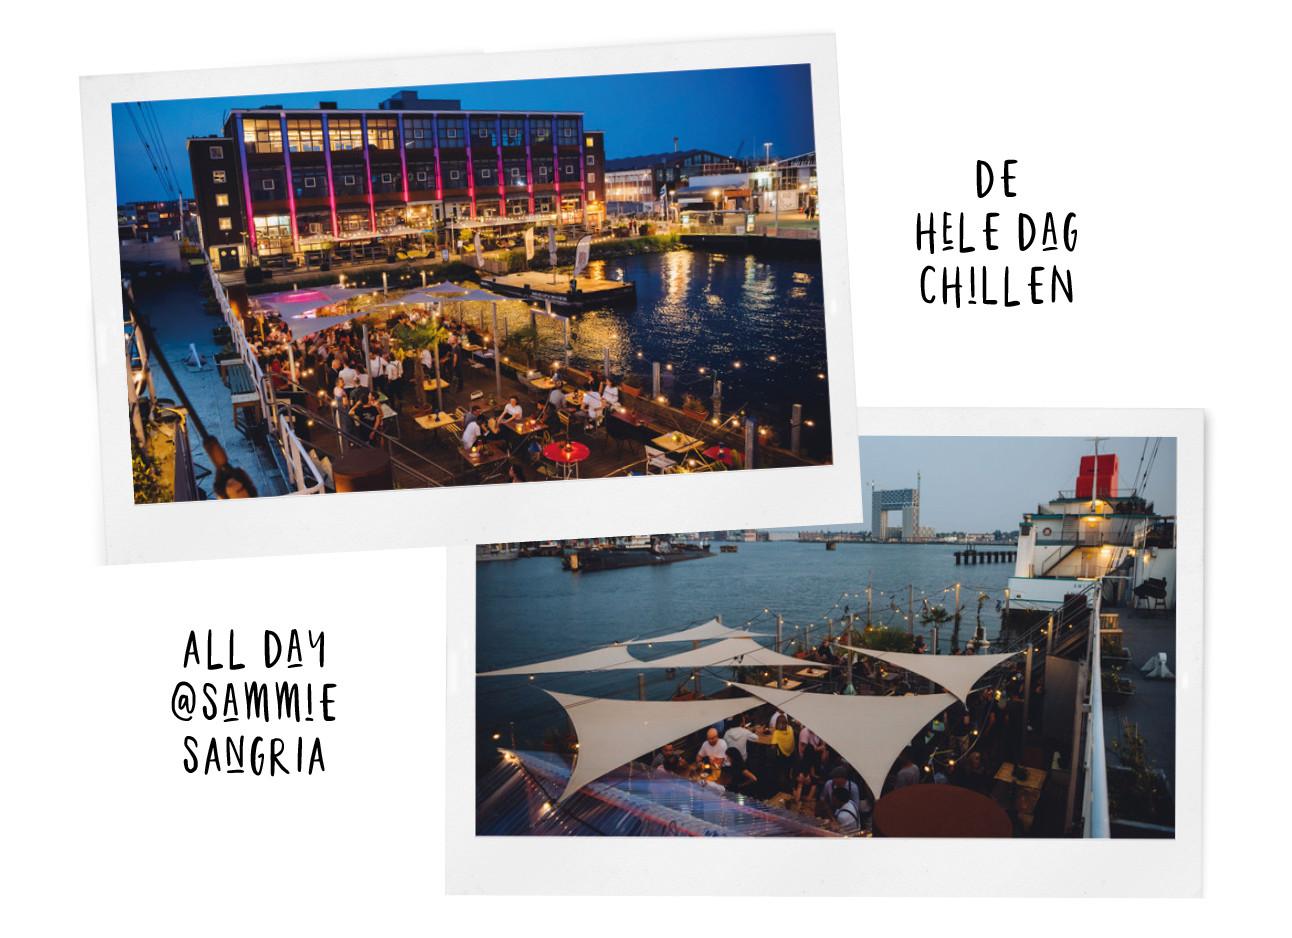 Dit is de nieuwe hotspot van Amsterdam met 3 (!) terrassen Sammie sangria